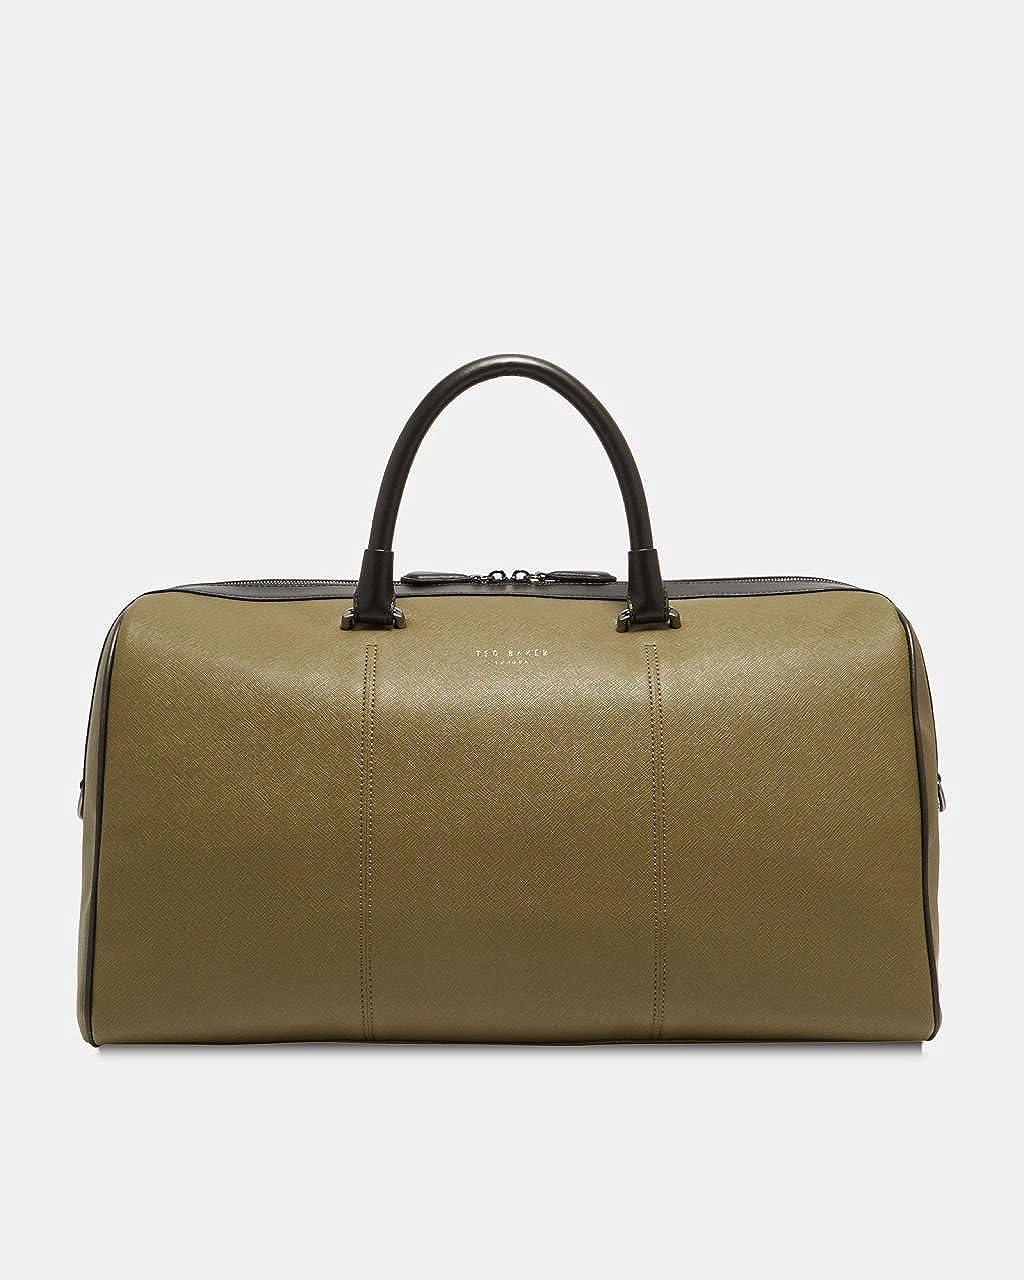 (テッドベーカー) TED BAKER LONDON Men`s Haybail Crossgrain holdall Bag メンズハイベールクロスグレインホルダーバッグ(並行輸入品) One Size オリーブ B07BFSZNCR